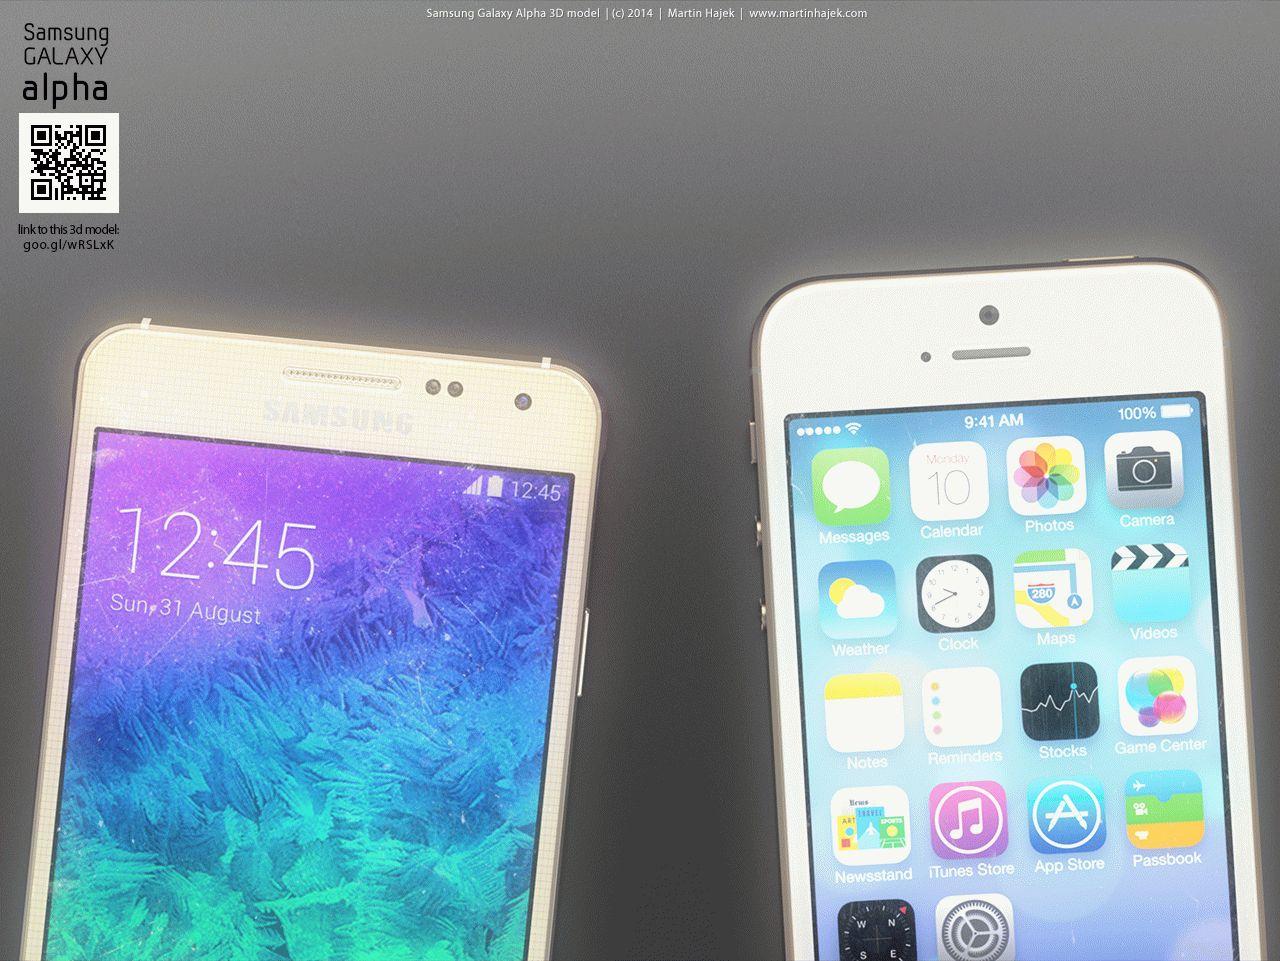 kak-daleko-samsung-zashla-v-kopirovanii-apple-galaxy-alpha-protiv-iphone----